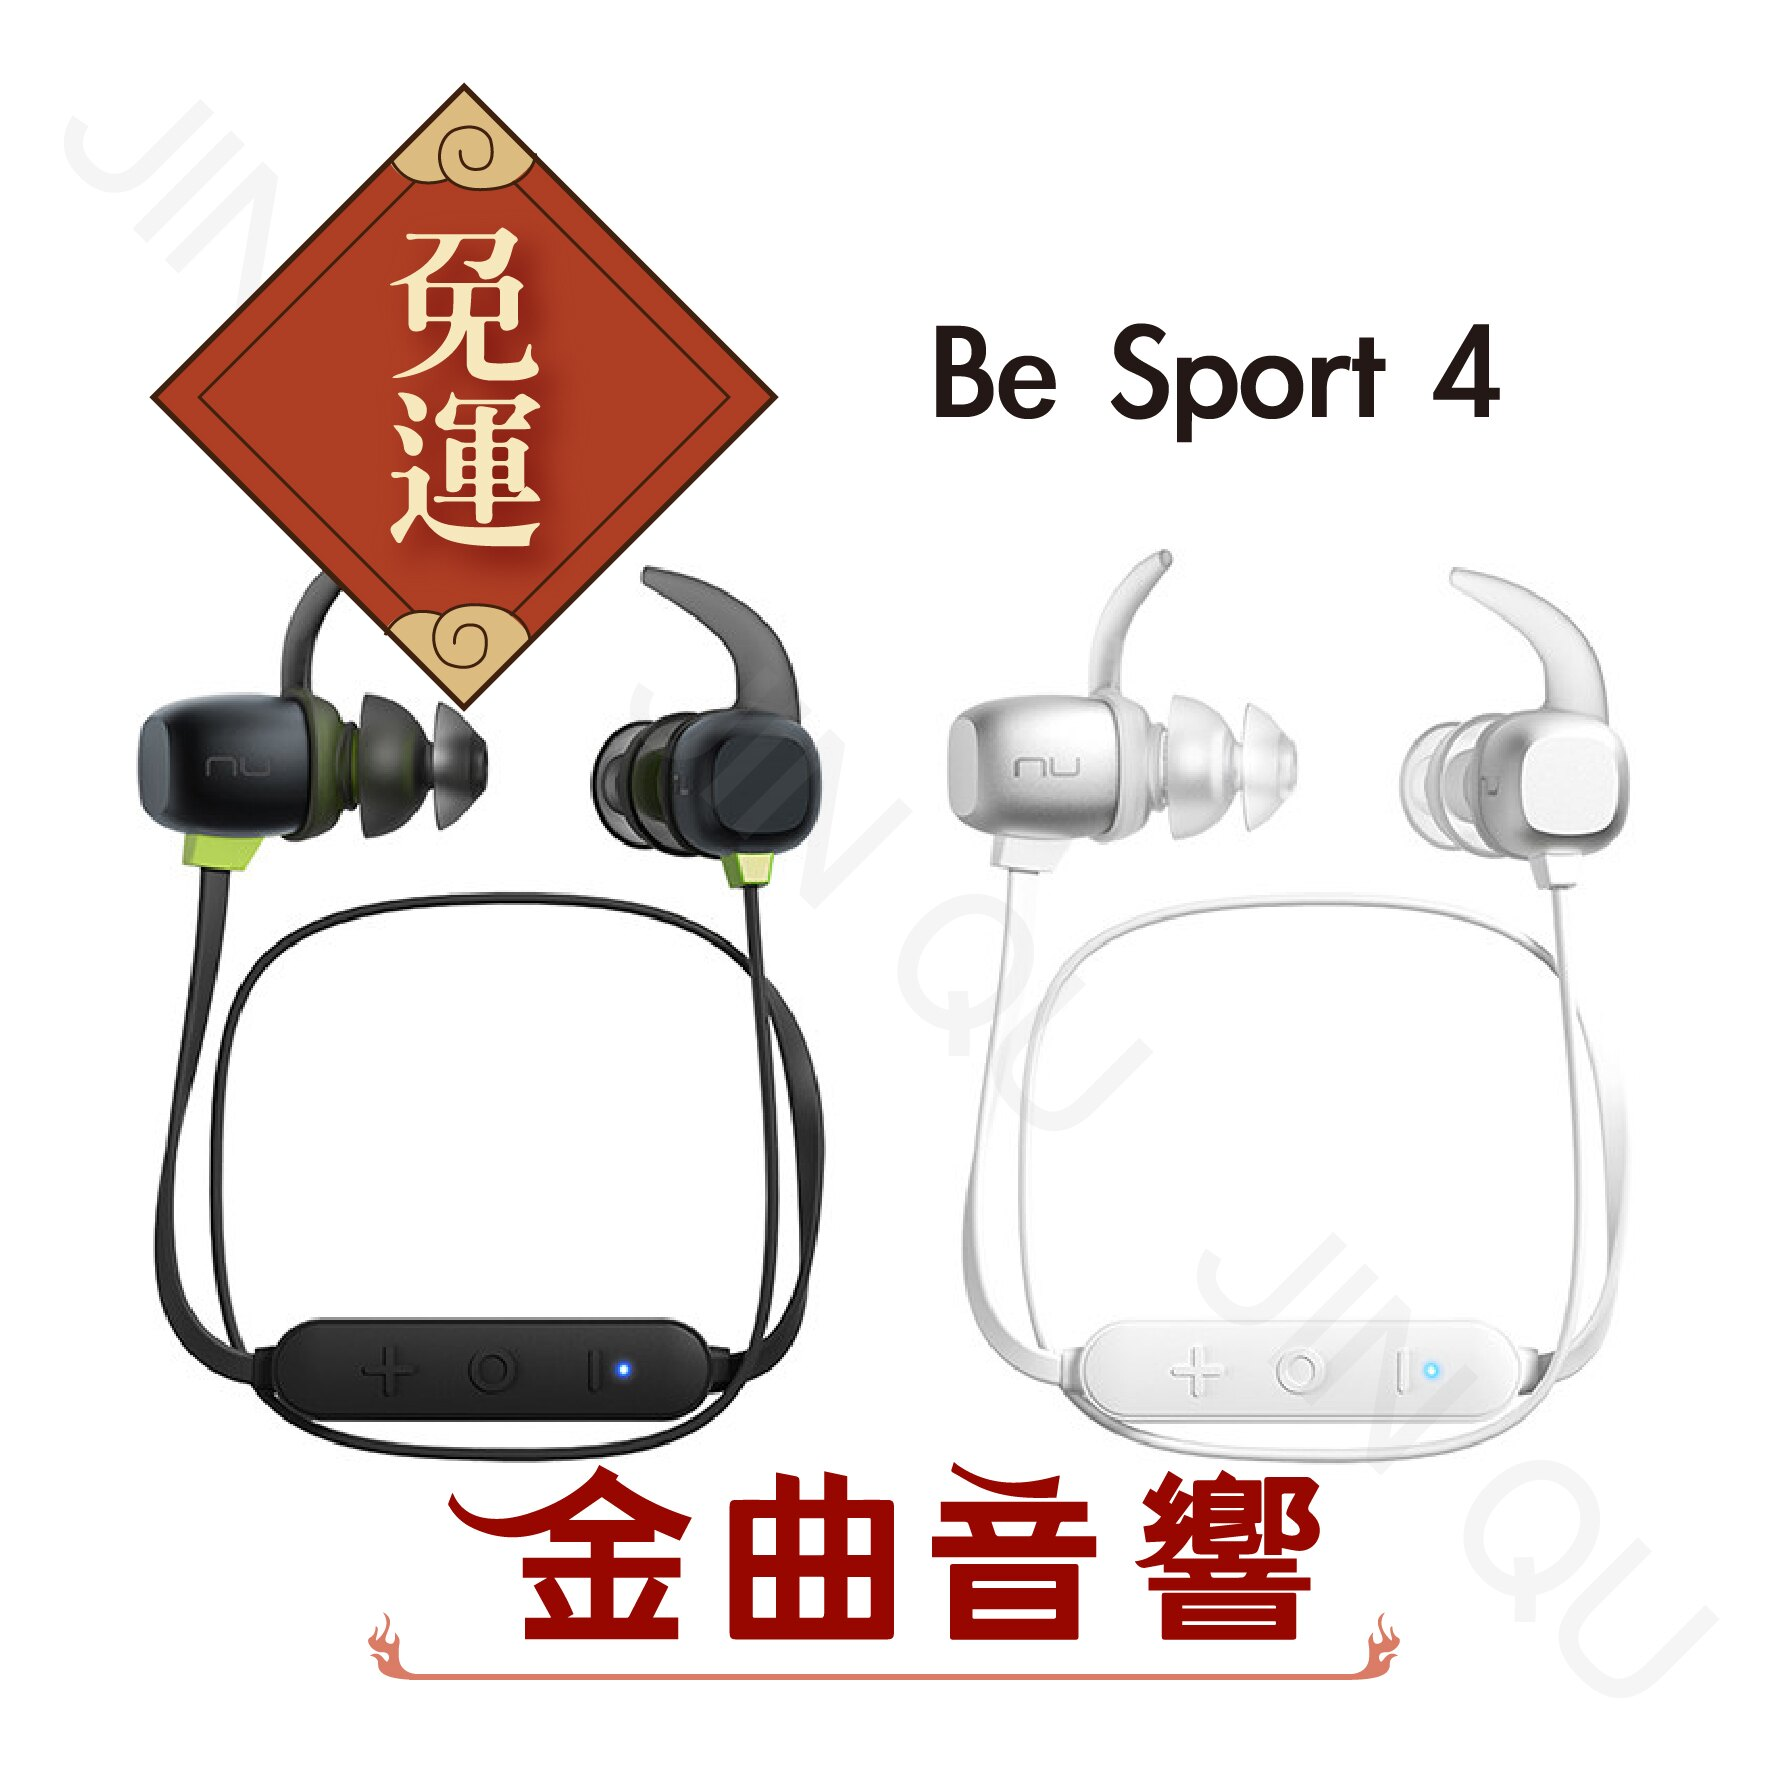 現貨 付收納袋 Optoma NuForce BE Sport 4 運動 藍牙 耳機 | 金曲音響